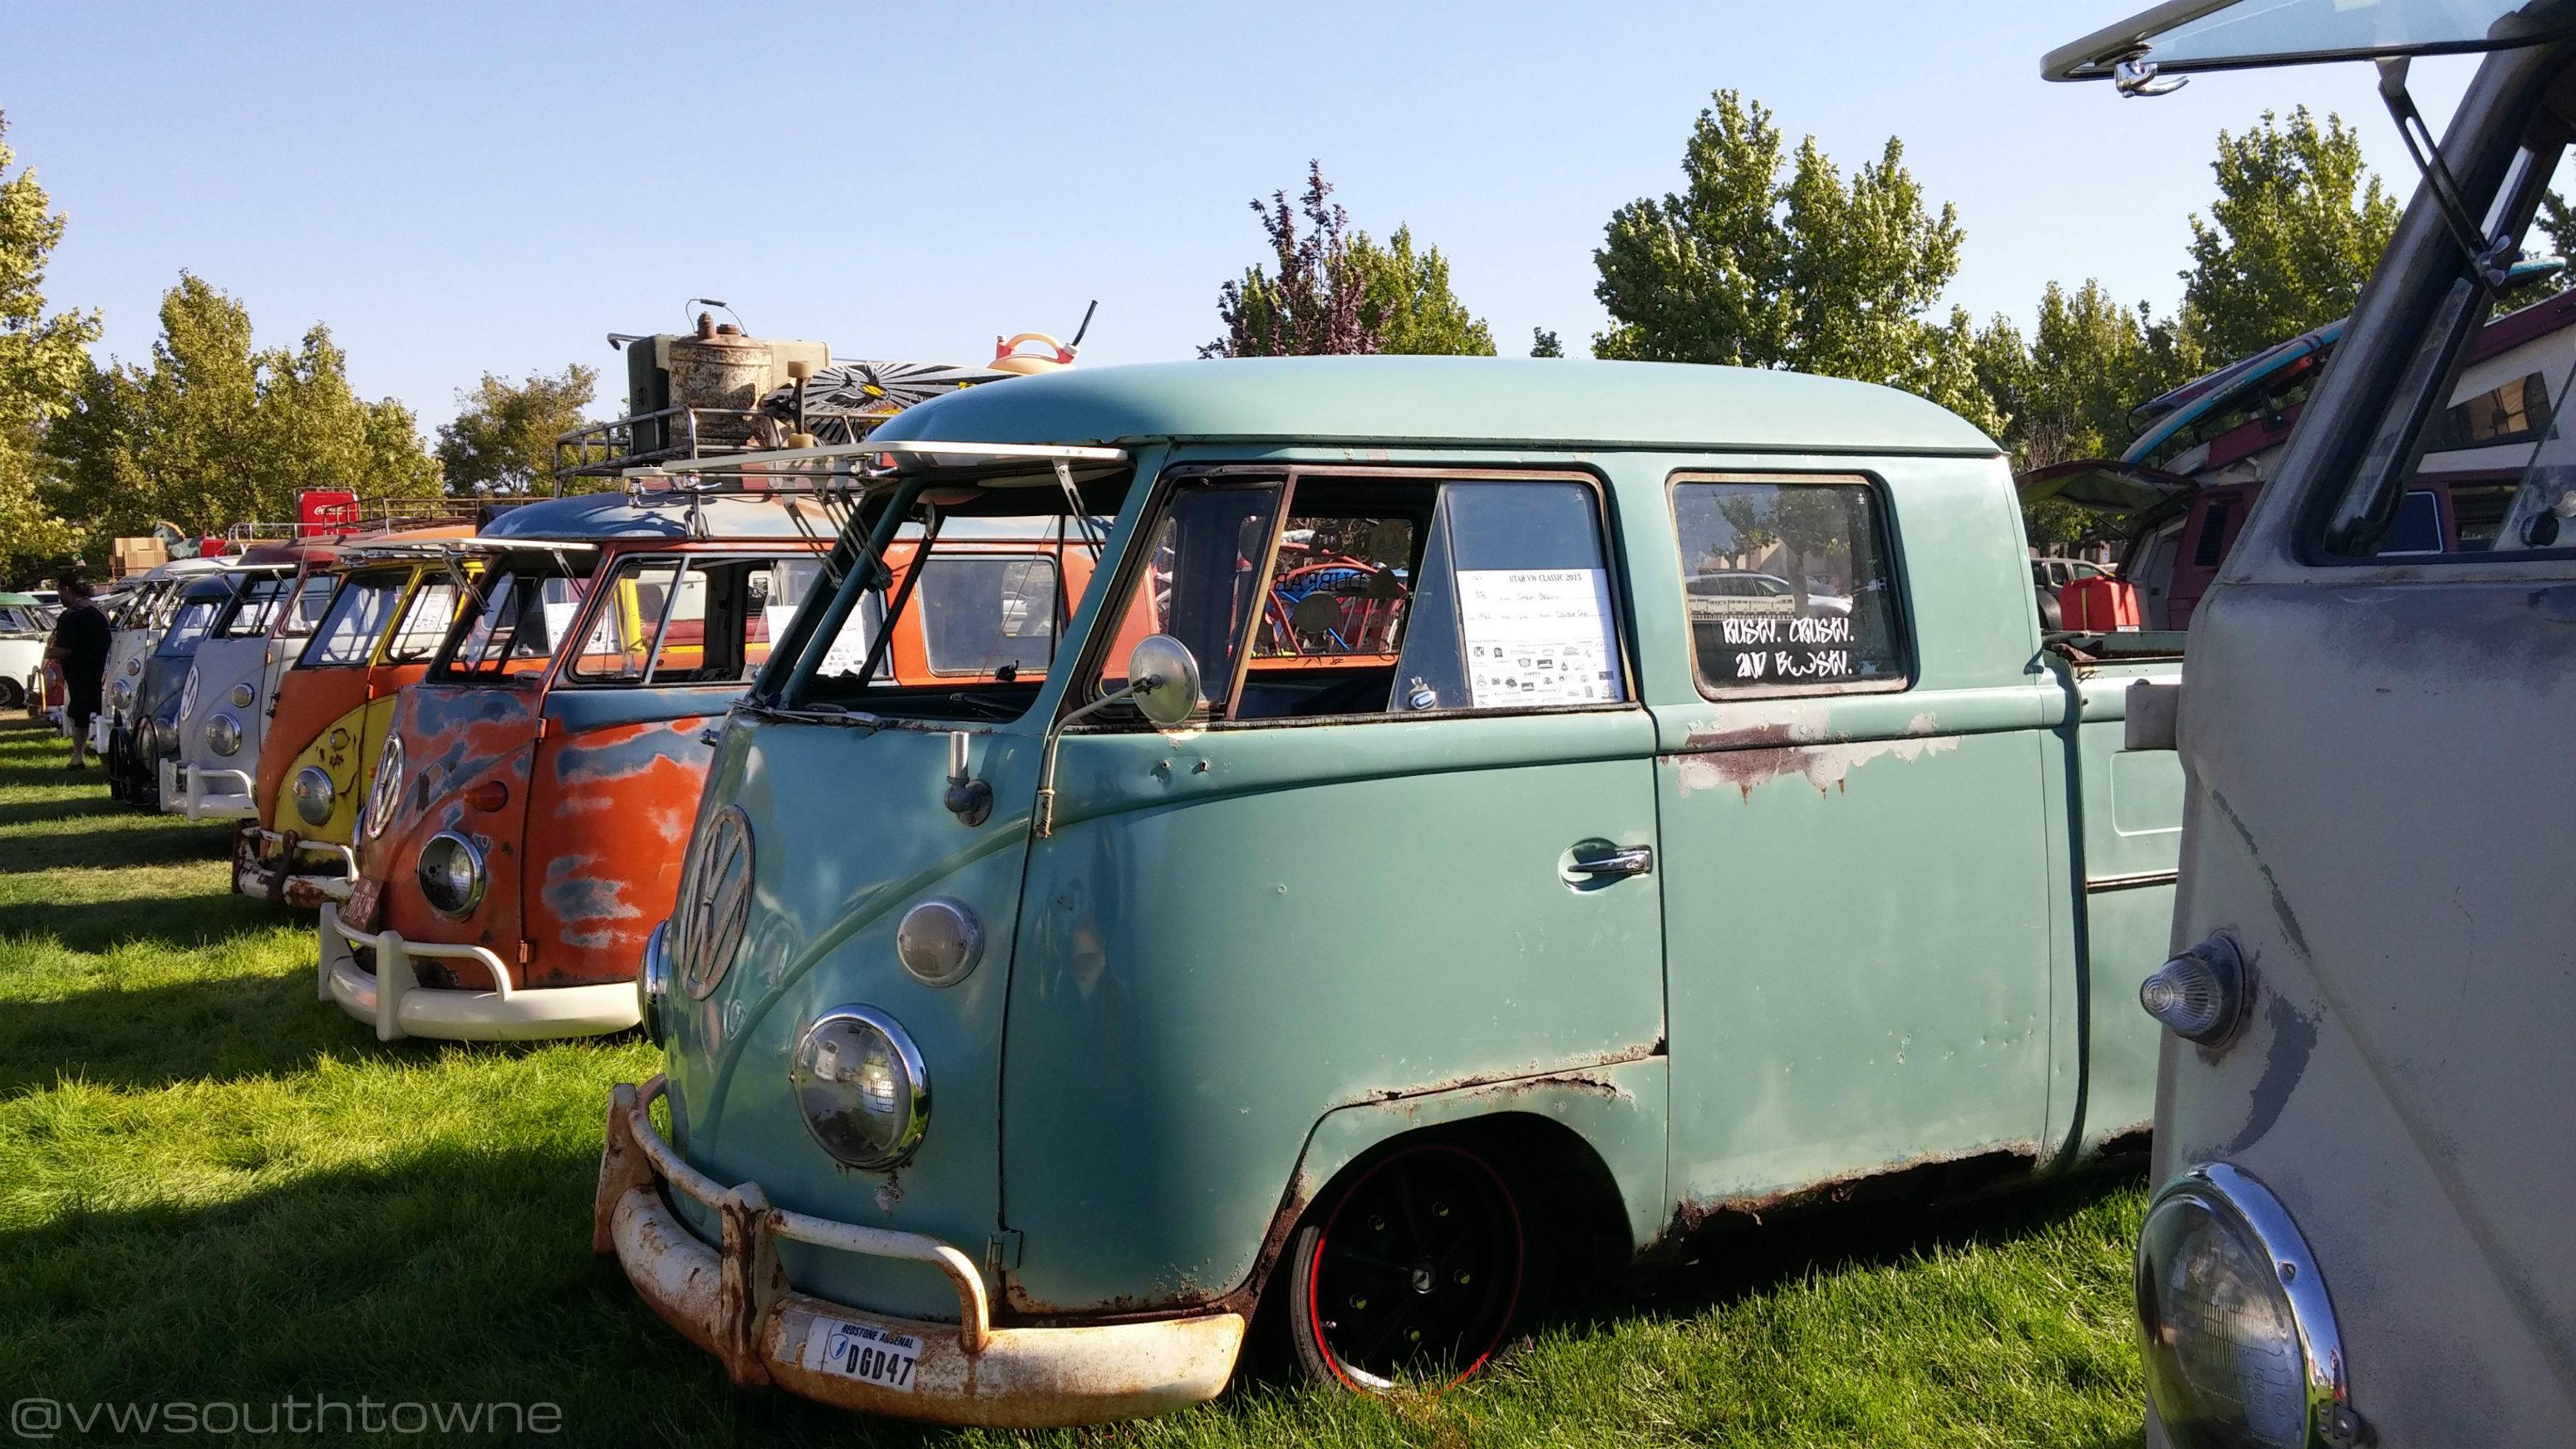 booth vw photo bus utah rental inside volkswagen